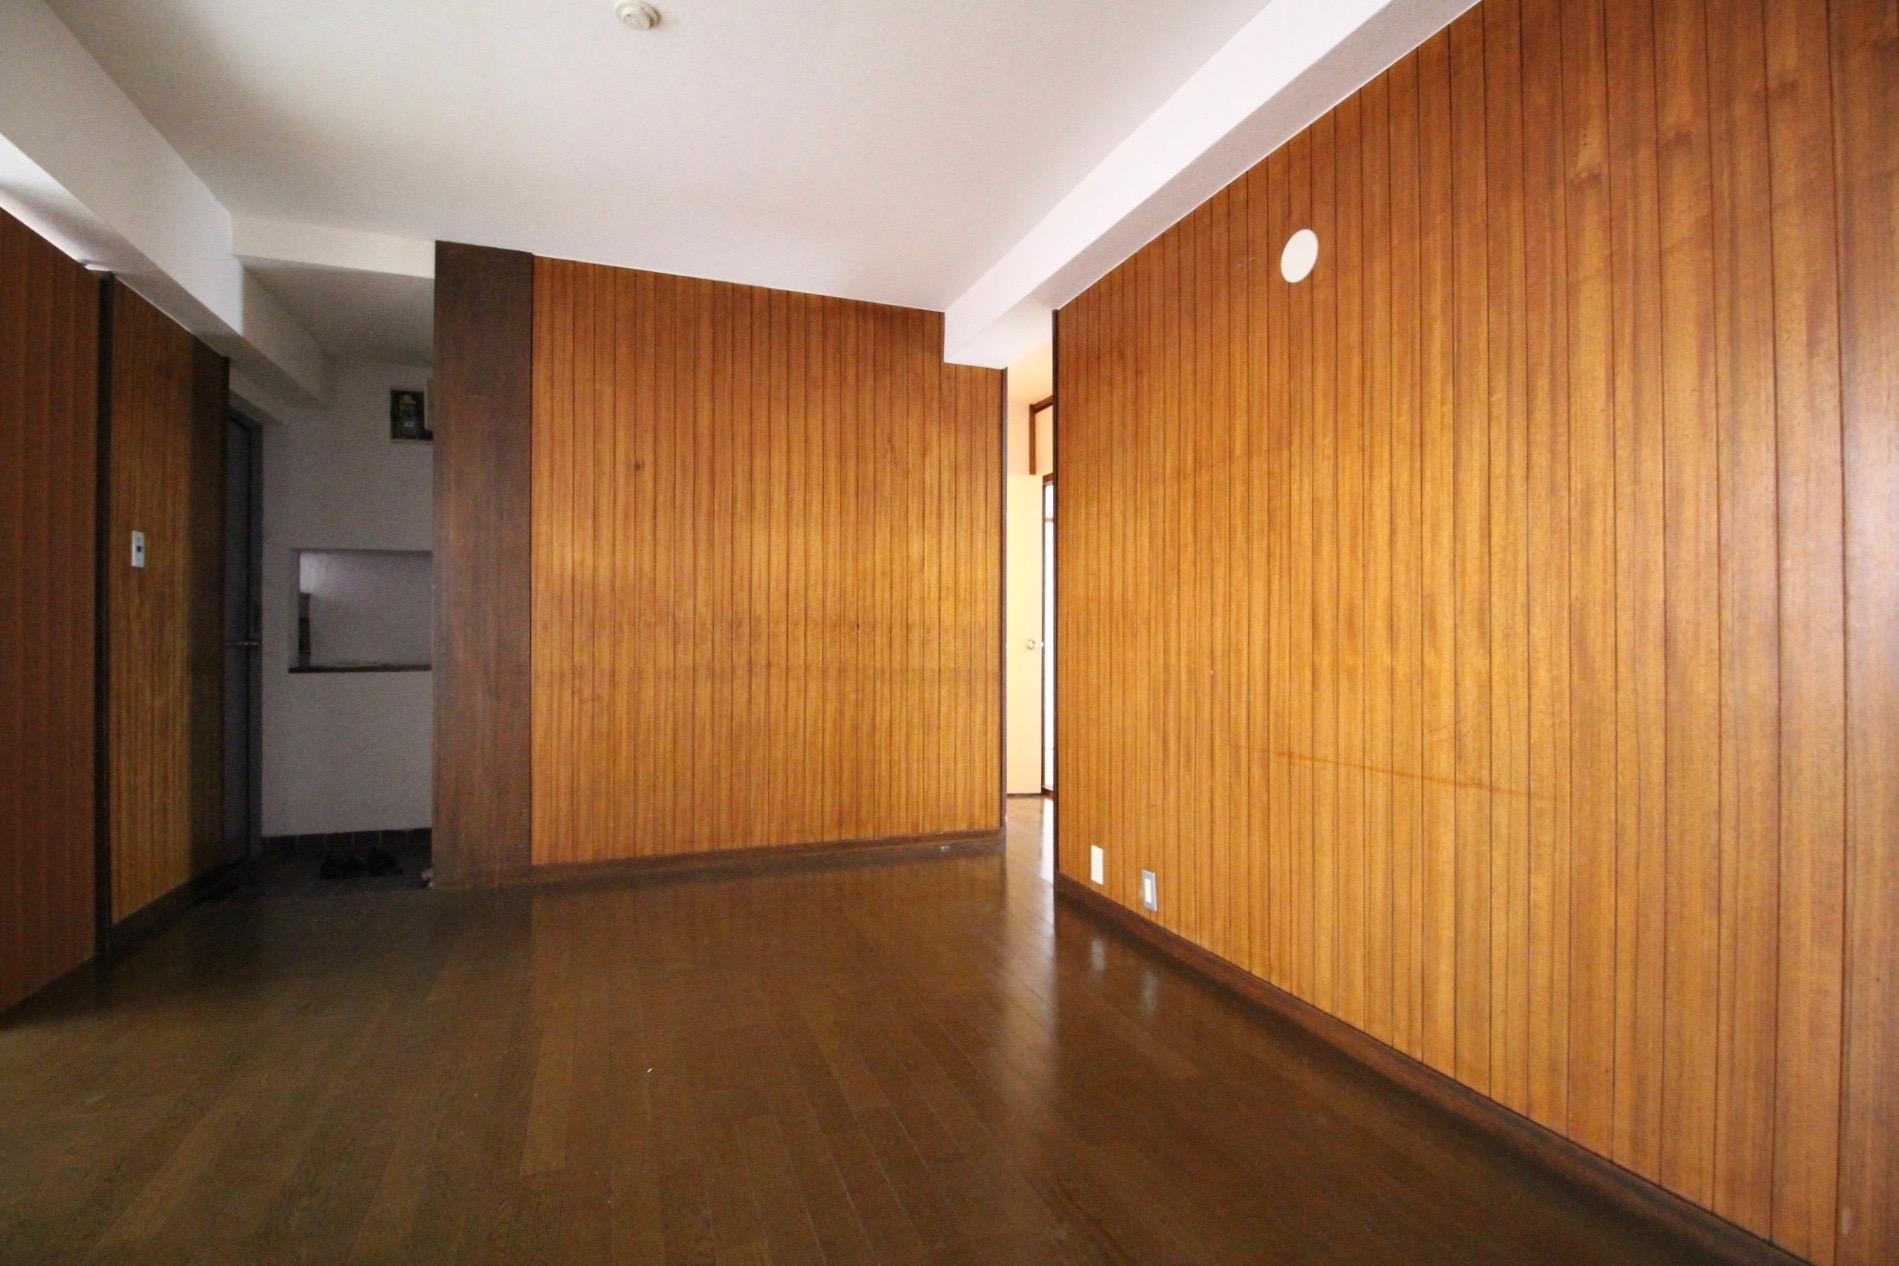 味のある木張りの壁